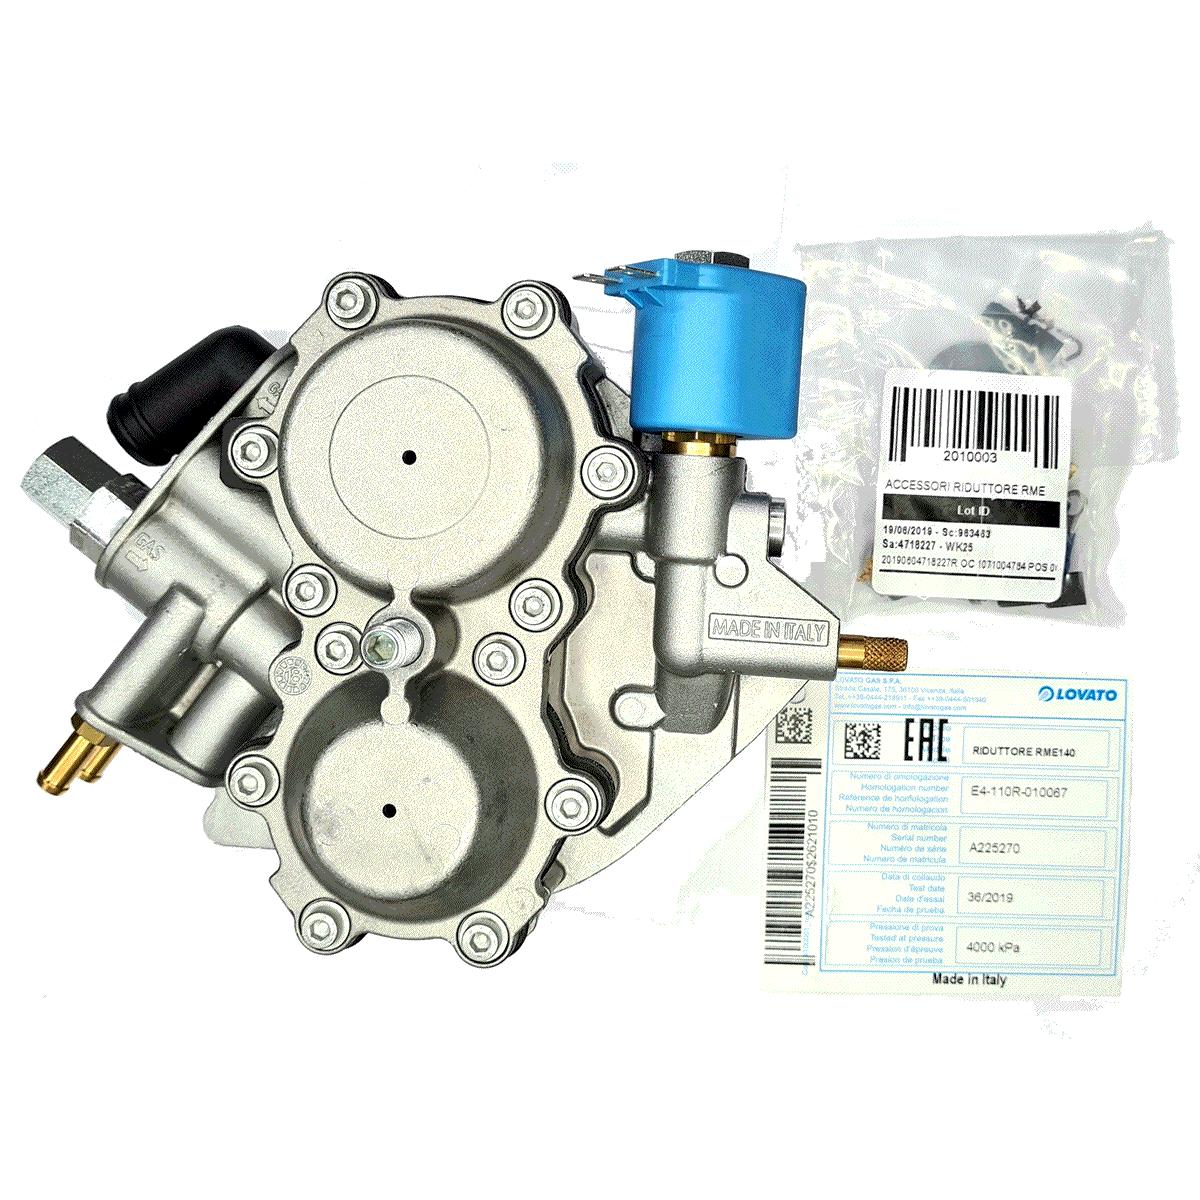 Kit Flex 3ª Geração Lovato Verptro Variador Emuladores Chave Tury Válvulas Pressor